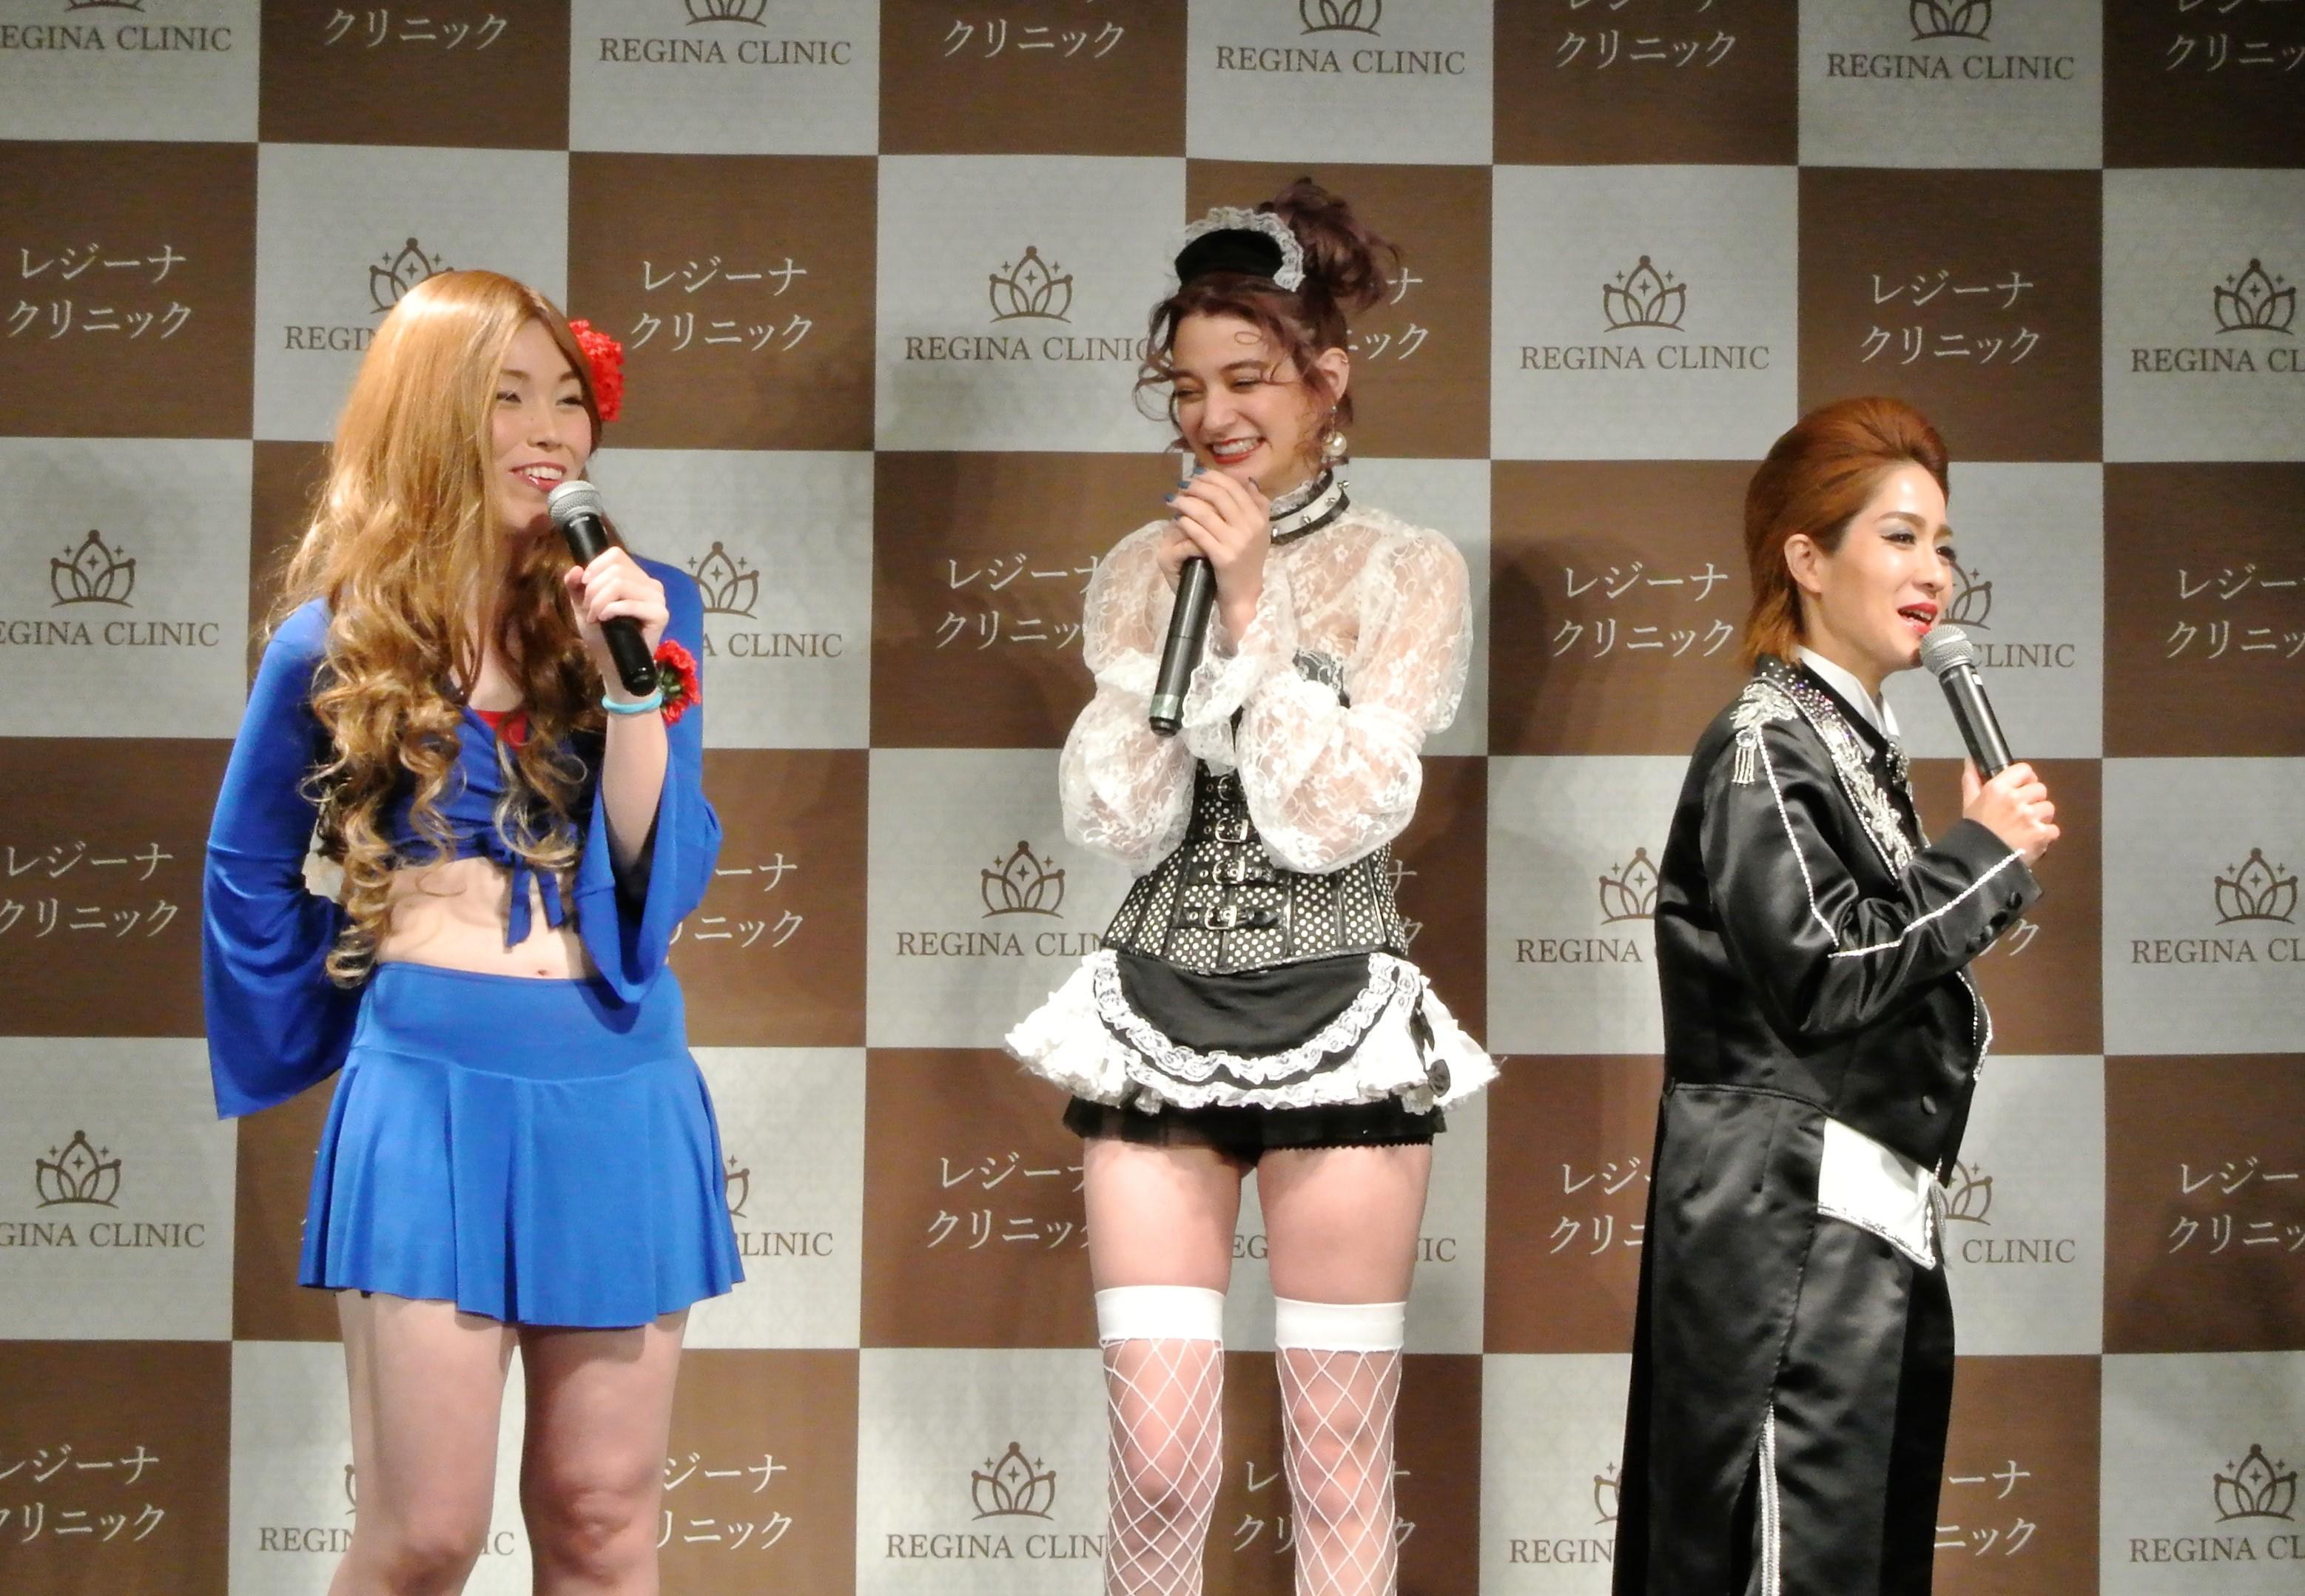 http://news.yoshimoto.co.jp/20171106125445-9f7a2e30ab756be50a0c910f9490a447323c8cb3.jpg